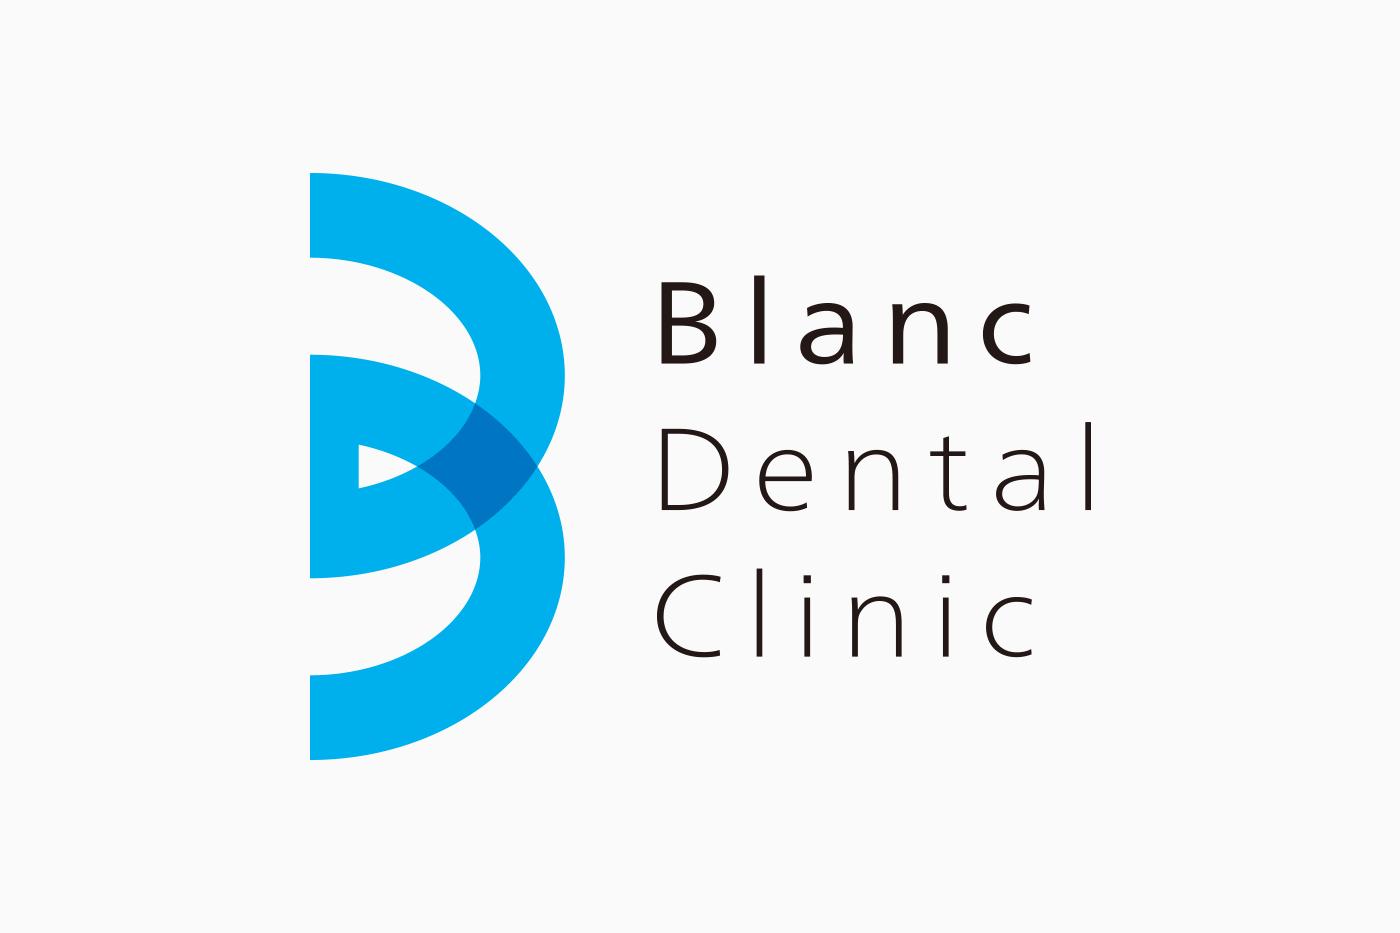 歯科医院・クリニック ロゴマーク デザイン制作